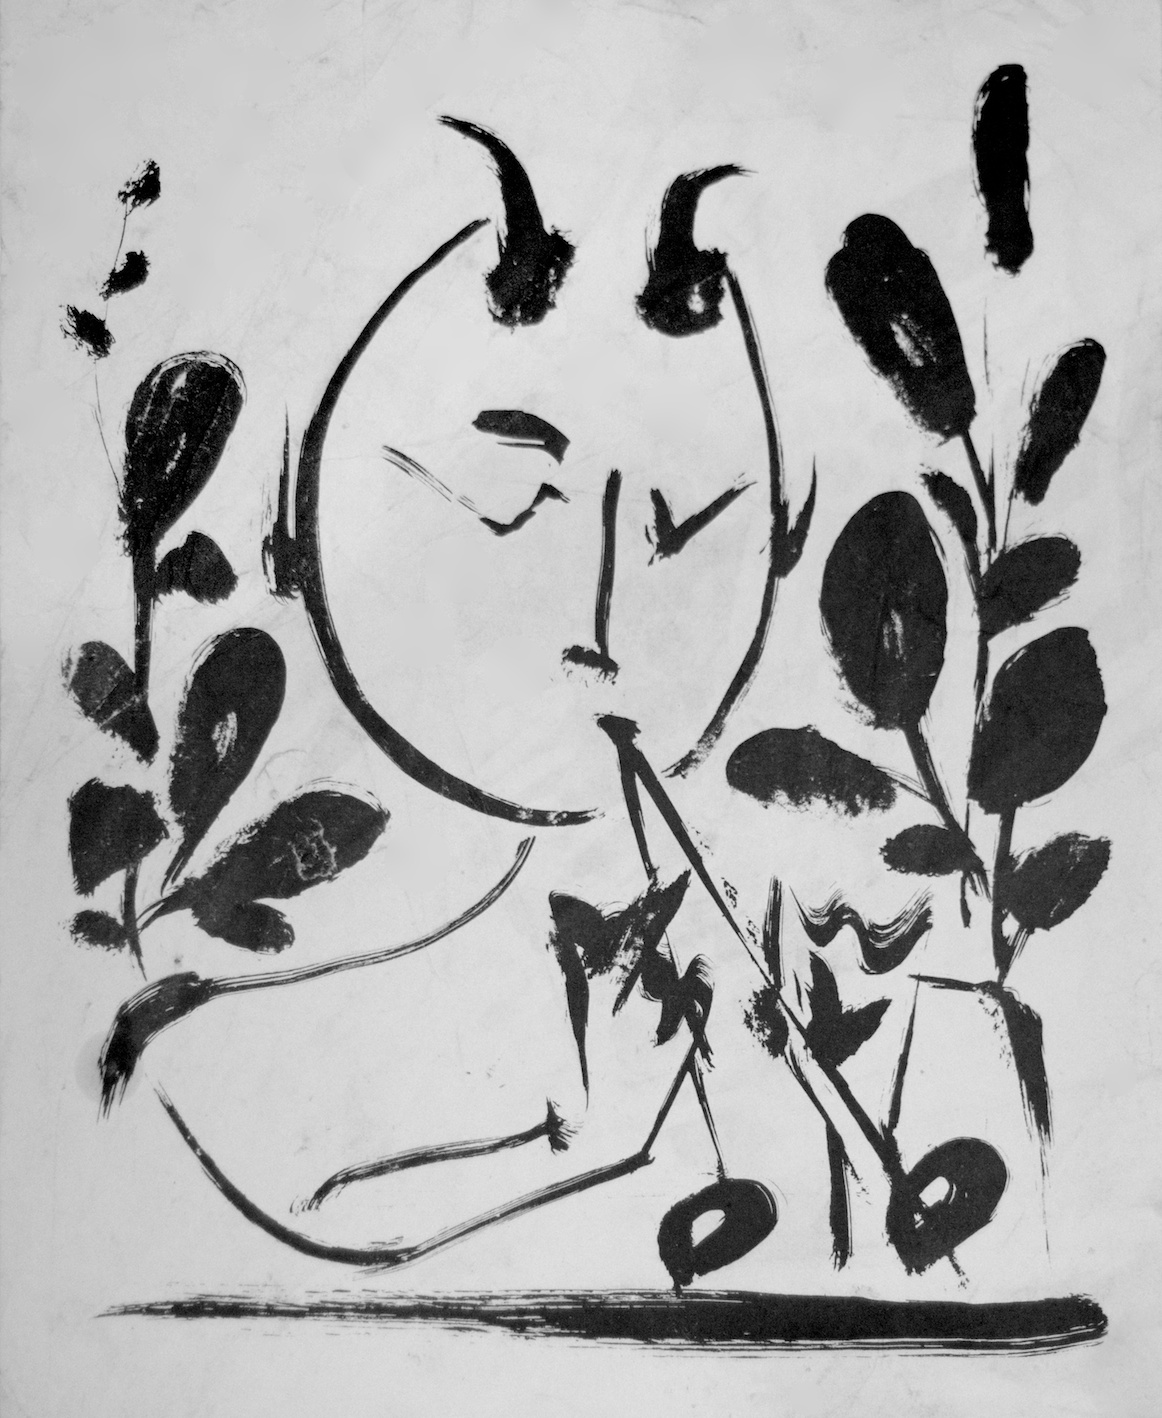 Pablo Picasso - Pablo Picasso nasce nel 1881 a Malaga, in Spagna.Pittore, scultore, stampatore, ceramista e scenografo, è stato uno dei più grandi e influenti artisti del XX secolo e con Georges Braque, fondatore del cubismo.Dopo la liberazione di Parigi, Picasso, nel 1944, espose i suoi lavori dei cinque anni precedenti al Salon d'Automne (Salon de la Libération), dove le sue tele furono percepite come uno shock. L'esposizione, unita all'annuncio dell'ingresso di Picasso nel Partito Comunista, generò agitazioni escontri verso le sue opinioni politiche, nella galleria stessa. Nello stesso periodo, Picasso aprì il suo studio a nuovi e vecchi amici scrittori ed artisti, tra cui Jean-Paul Sartre, Pierre Reverdy, Éluard, il fotografo Brassaï e molti altri. Nel 1943 la giovane pittrice Françoise Gilot, si presentò allo studio, ed in pochi mesi divenne la nuova musa di Picasso. Nel 1946 Picasso si trasferì ad Antibes con la Gilot, con cui avrebbe avuto due figli, Claude e Paloma, dove Picasso trascorse mesi intensi di pittura. I dipinti di quel tempo e le ceramiche decorate nello studio nella vicina Vallauris, a partire dal 1947, esprimono vividamente il senso di identificazione di Picasso con la tradizione classica e con le sue origini mediterranee celebrando la rinascita post bellica e la sua nuova felicità trovata con la Gilot, che nelle opere di quel periodo è spesso dipinta come ninfa tra fauni e centauri.